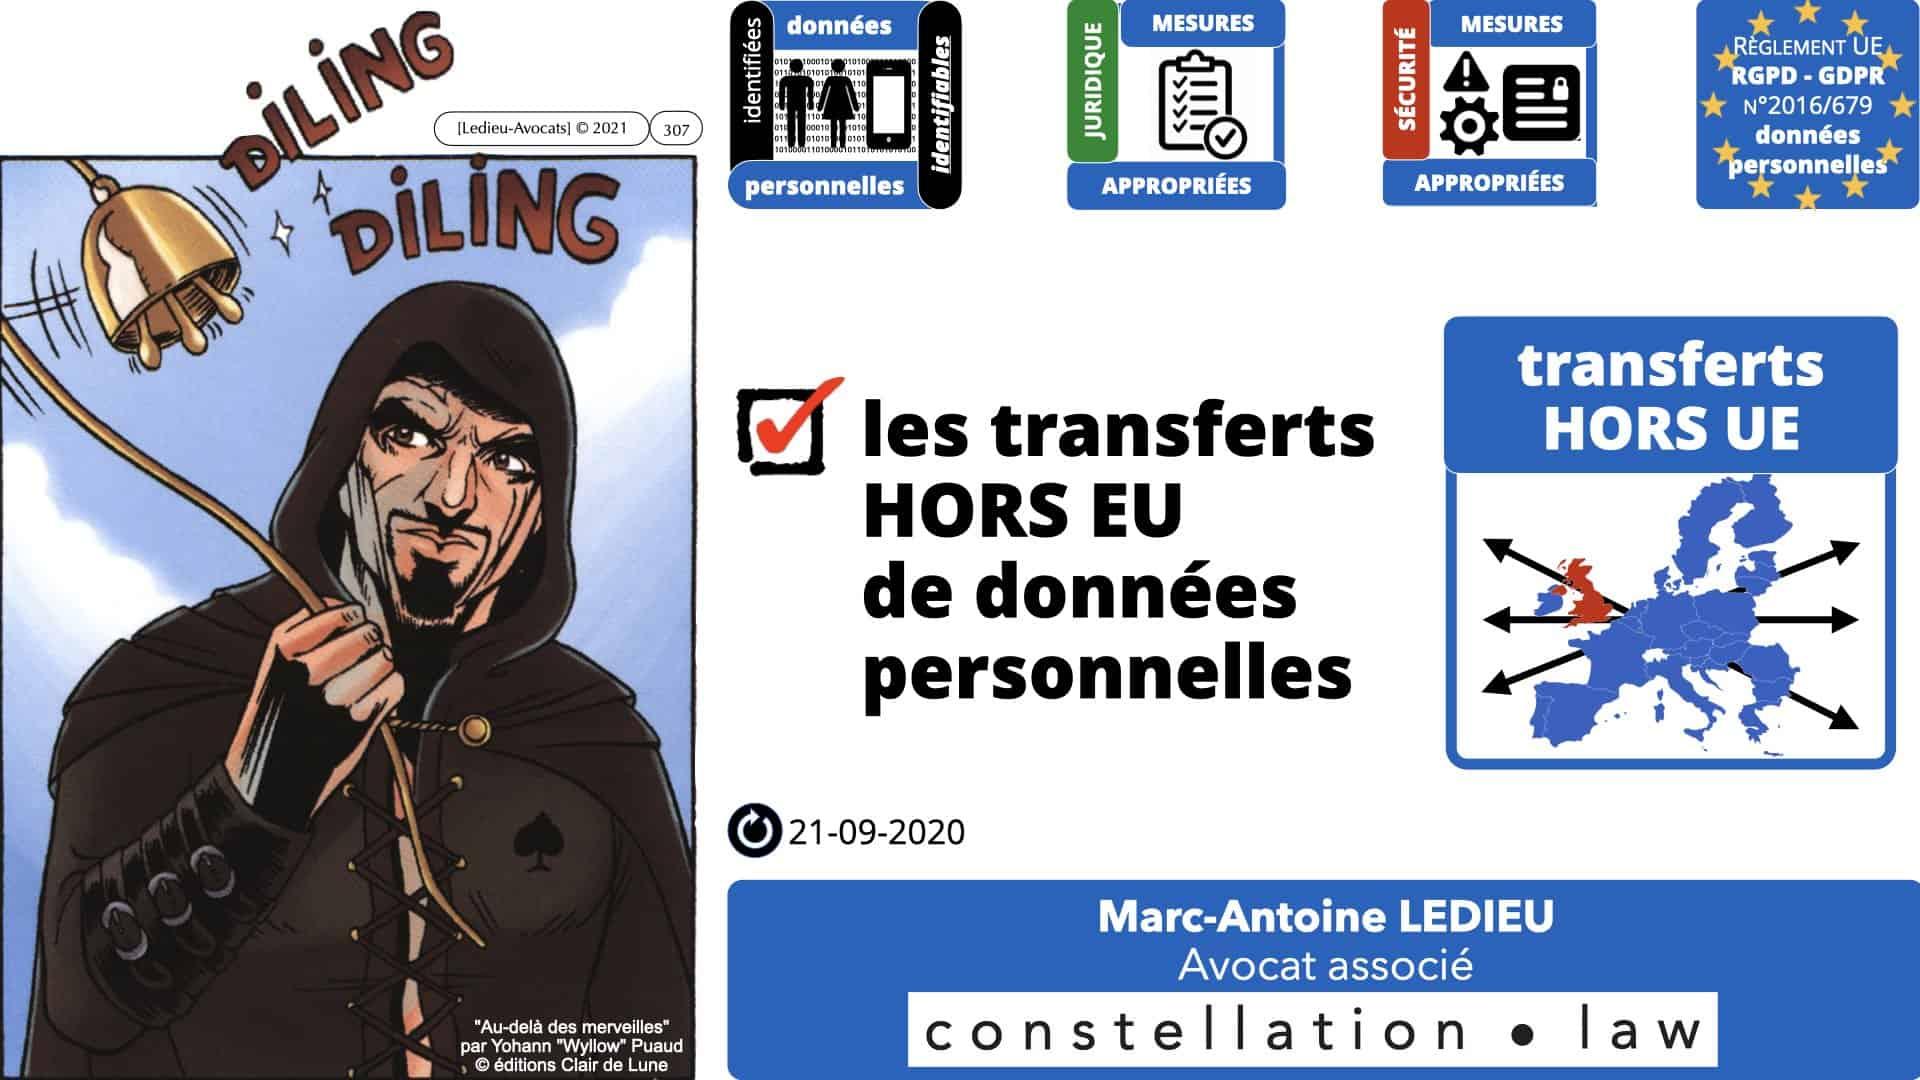 RGPD e-Privacy données personnelles jurisprudence formation Lamy Les Echos 10-02-2021 ©Ledieu-Avocats.307